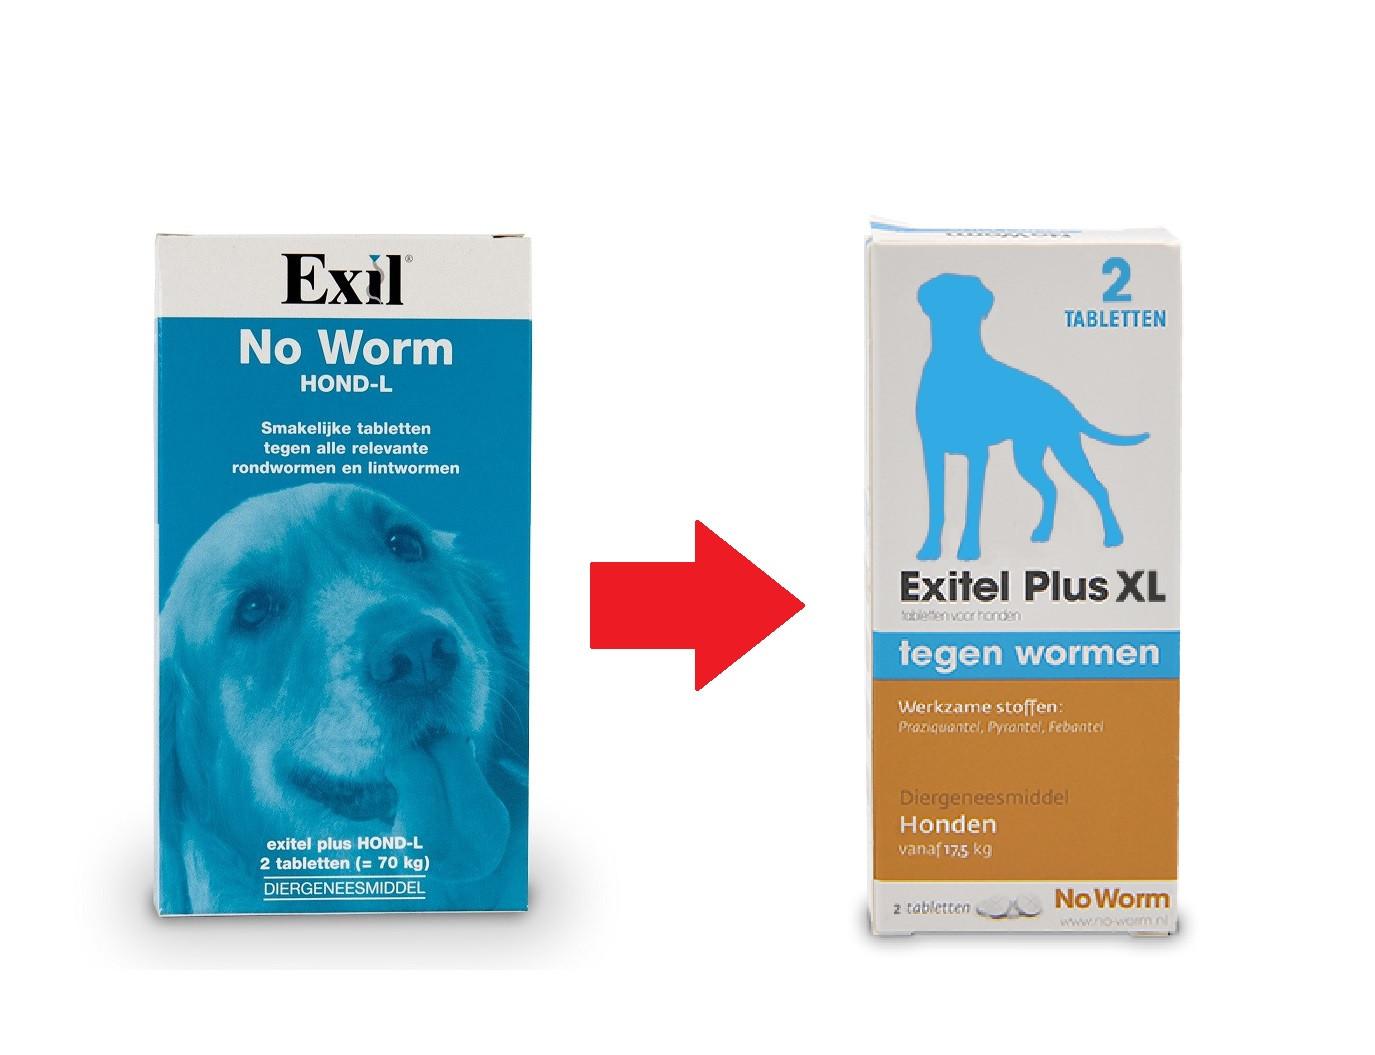 Exil No Worm Hond L